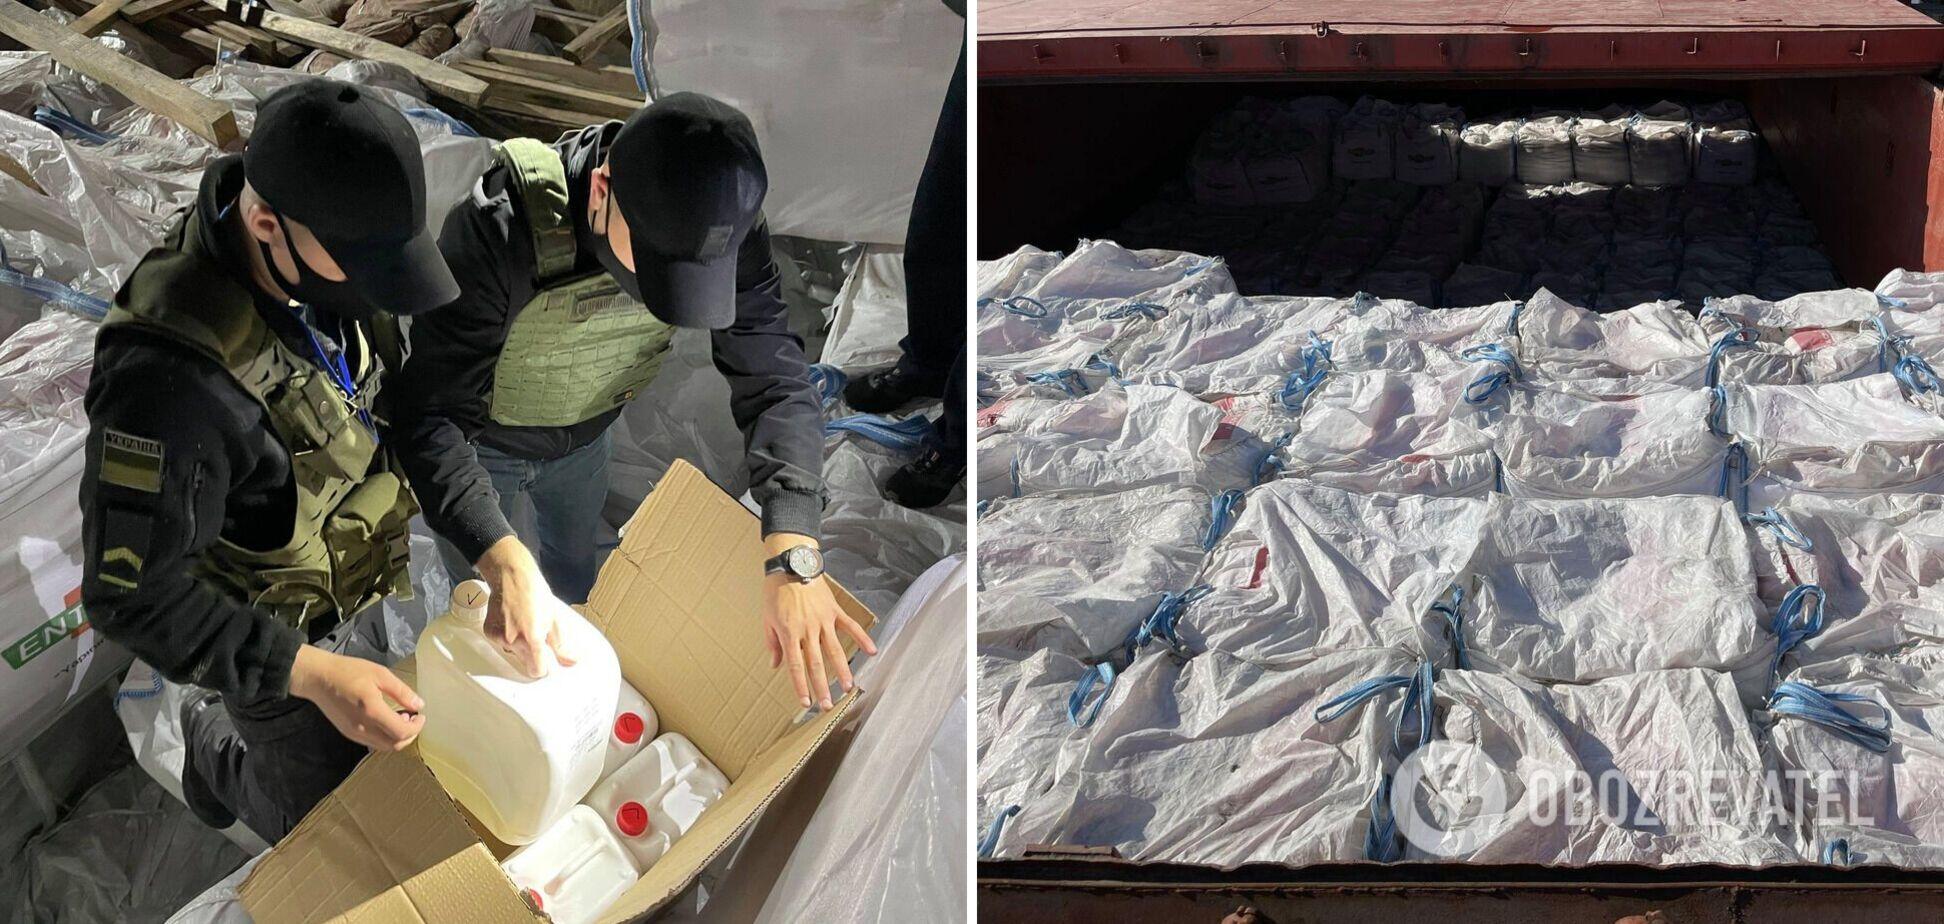 У Миколаєві затримали рекордні 13 тонн контрабанди. Відео